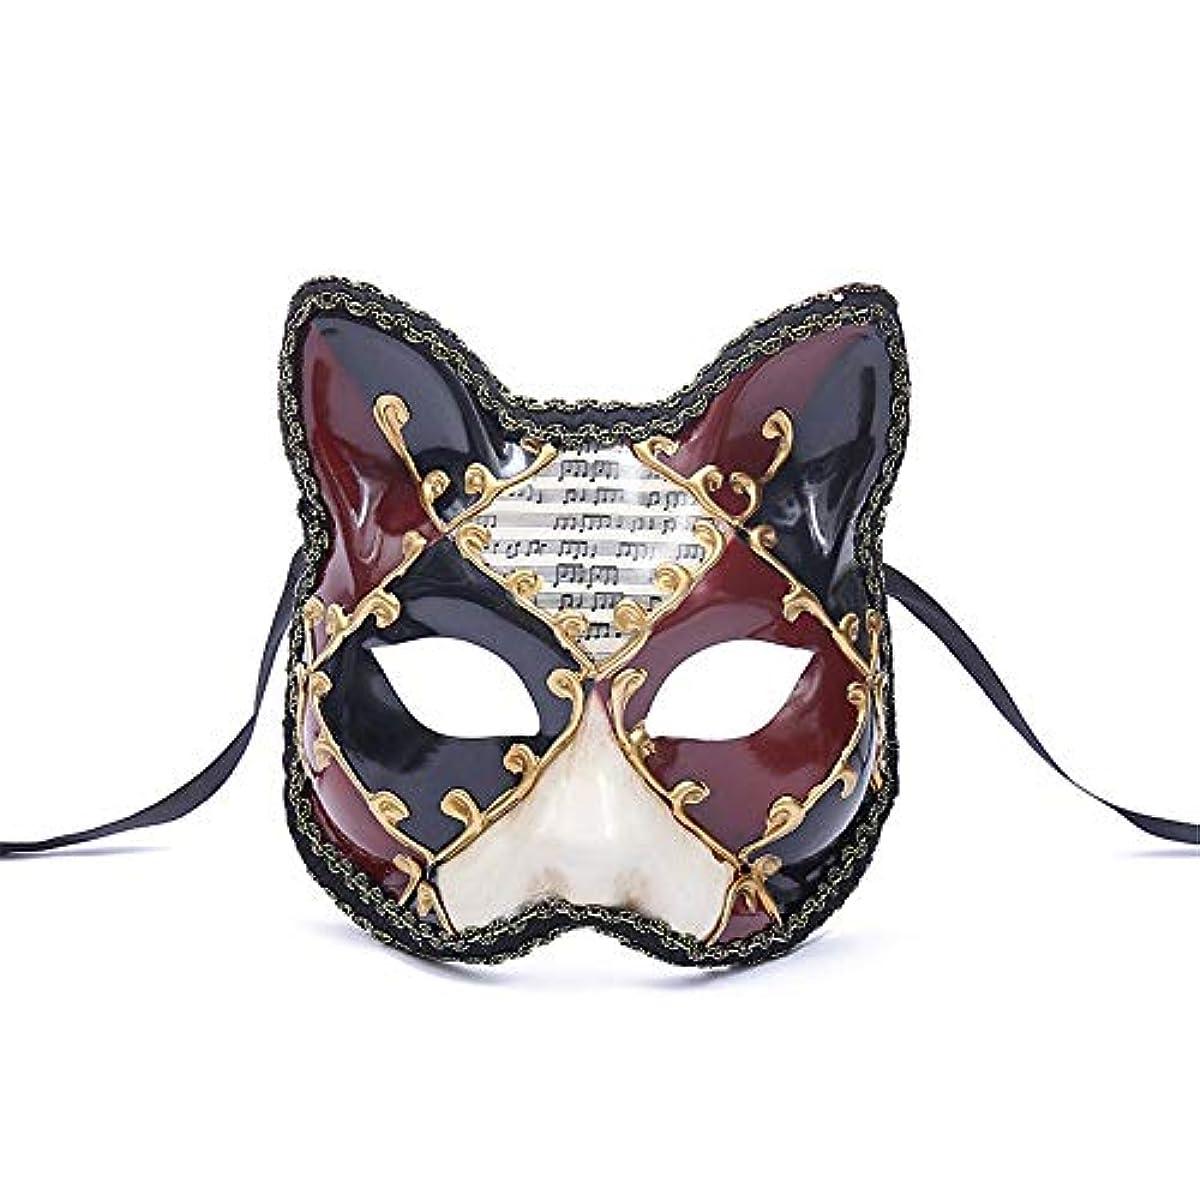 案件赤道浪費ダンスマスク 大きな猫アンティーク動物レトロコスプレハロウィーン仮装マスクナイトクラブマスク雰囲気フェスティバルマスク ホリデーパーティー用品 (色 : 赤, サイズ : 17.5x16cm)